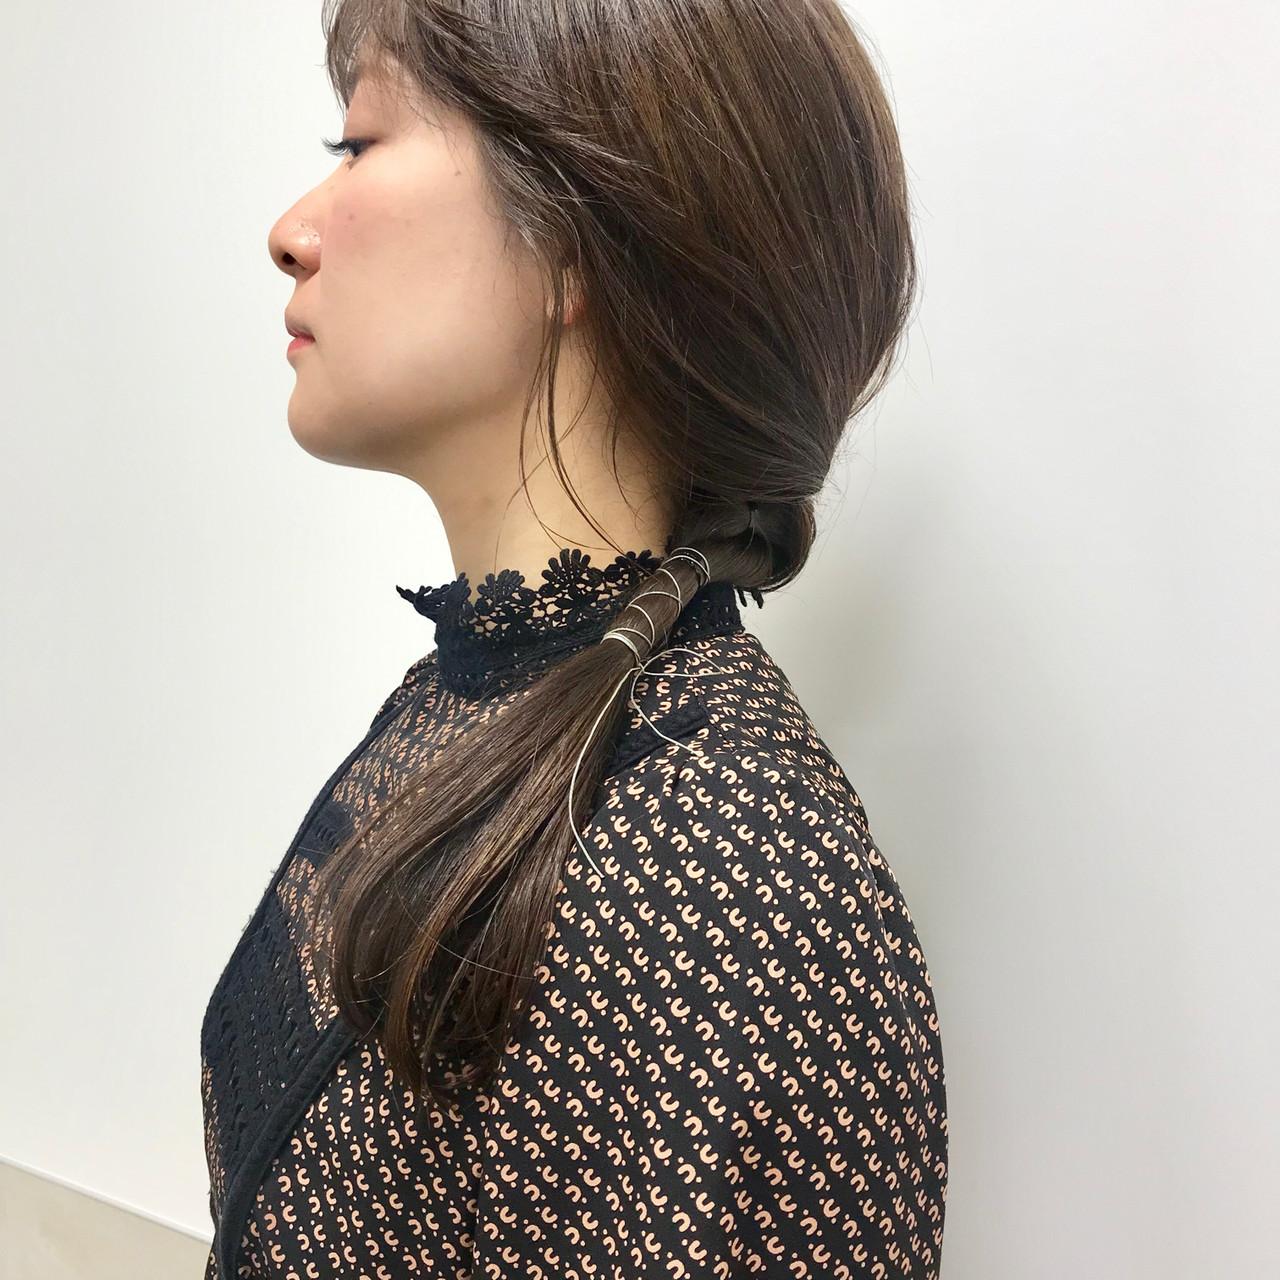 福岡市 ヘアアレンジ 大人カジュアル 大人女子ヘアスタイルや髪型の写真・画像